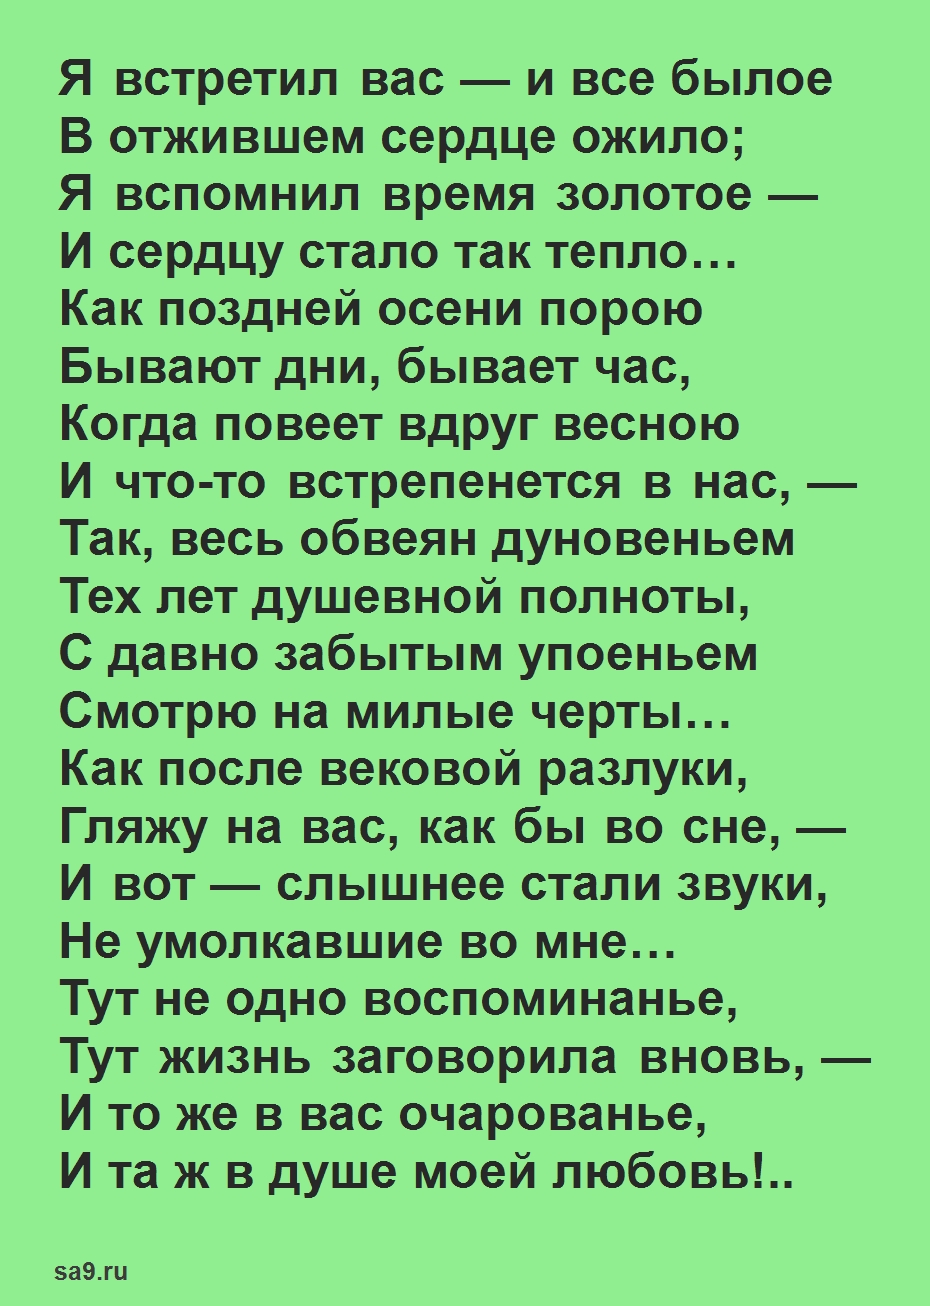 Романсы на стихи Тютчева - Я встретил вас и все былое